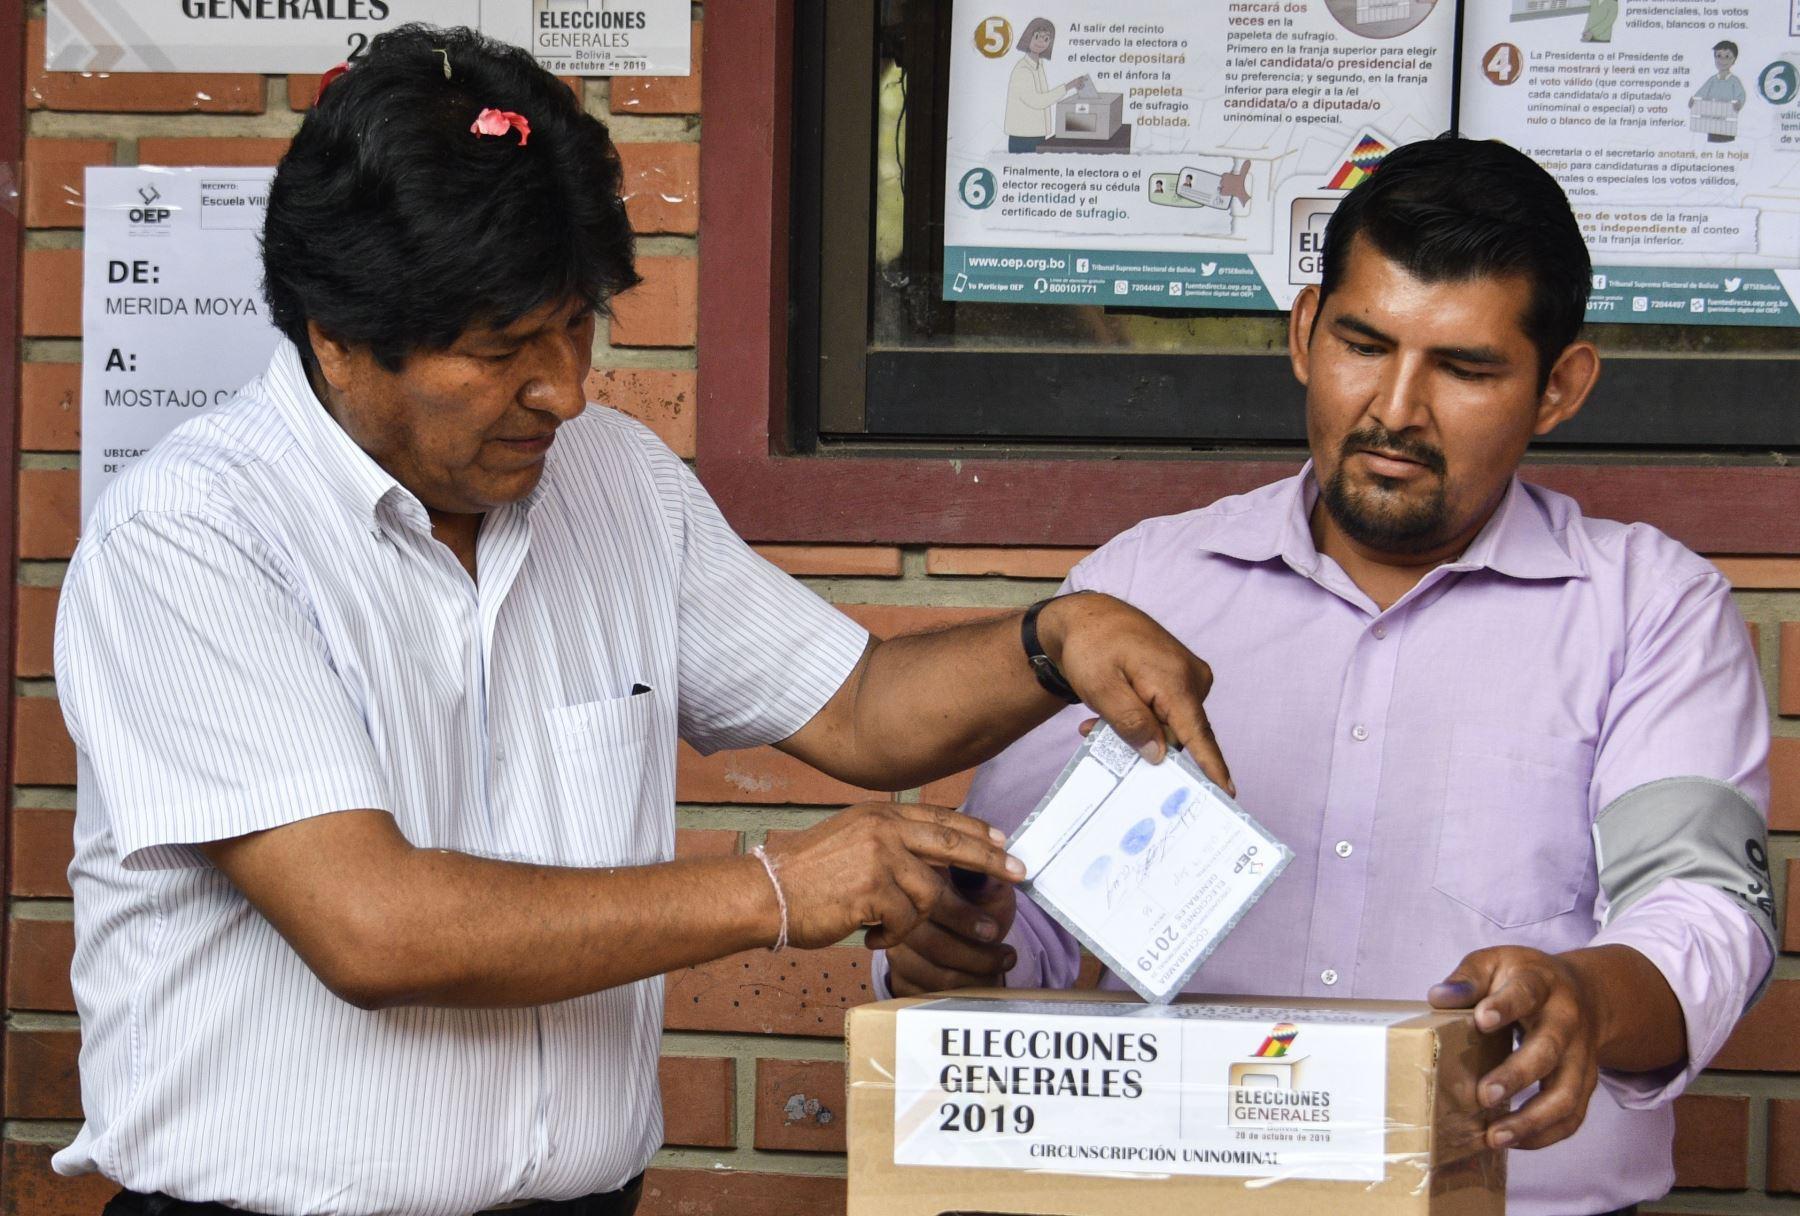 El presidente y candidato presidencial, Evo Morales, emite su voto durante las elecciones de Bolivia.  Foto: AFP